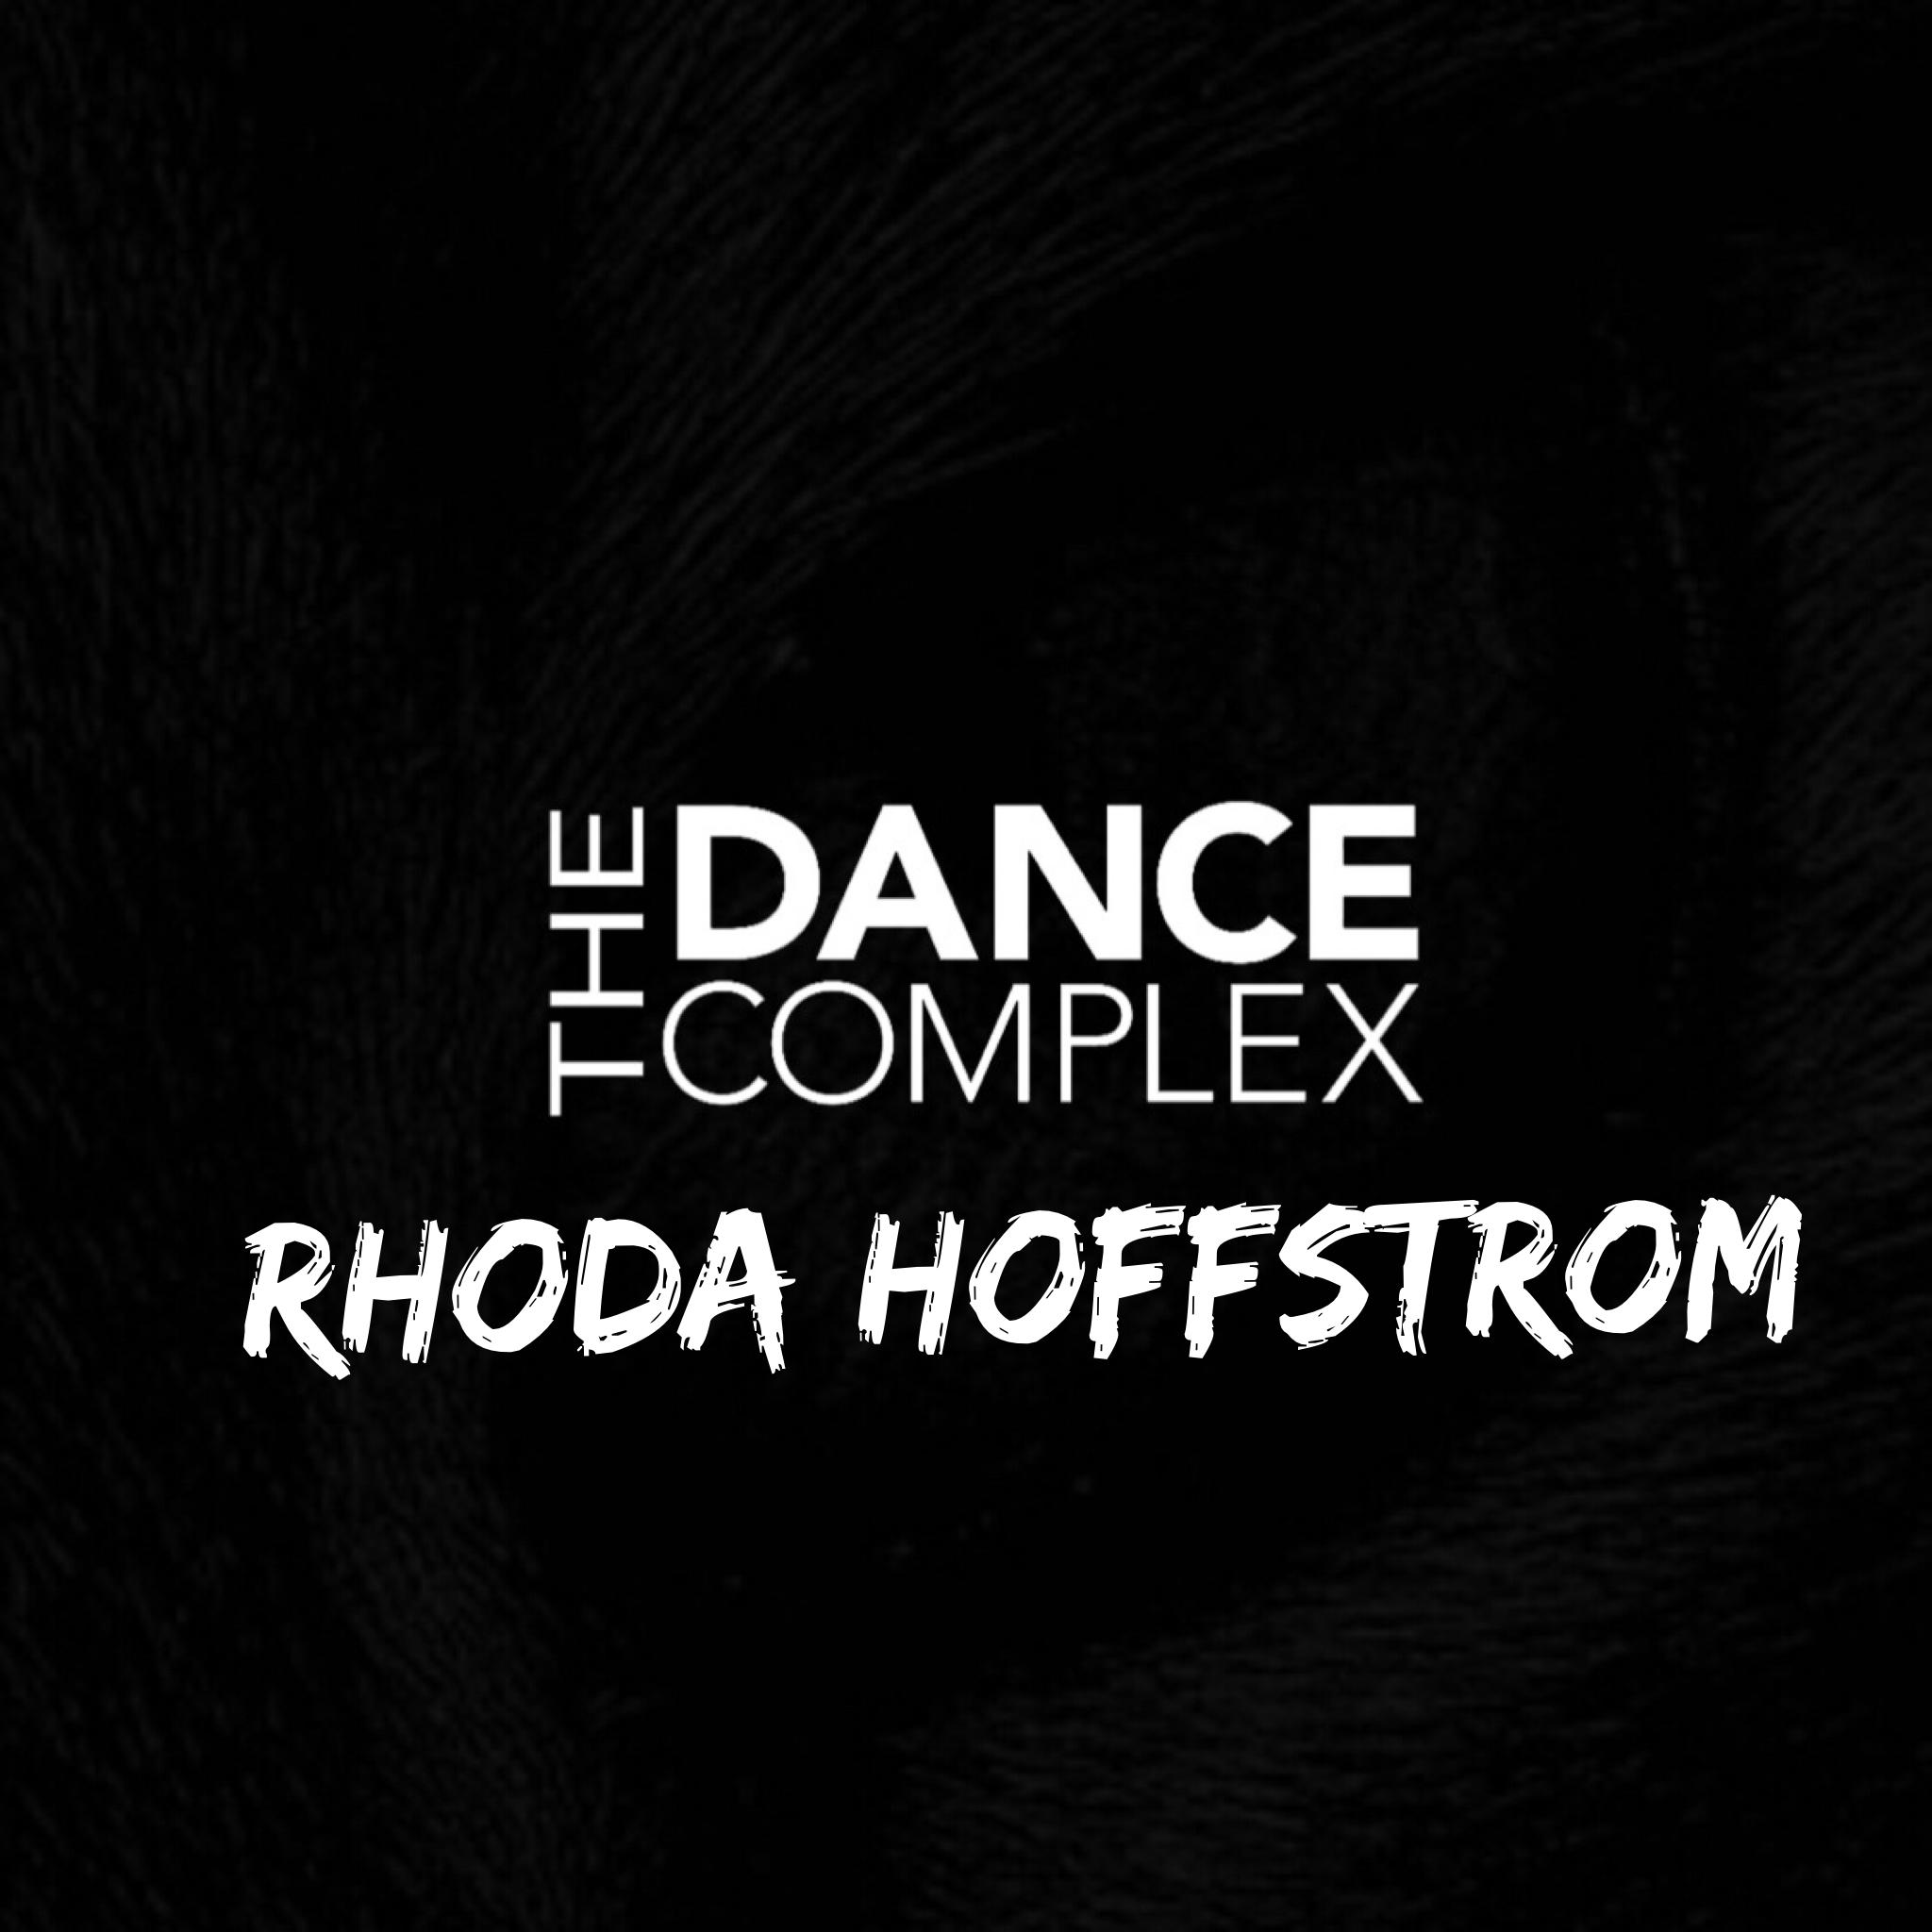 Rhoda Hoffstrom